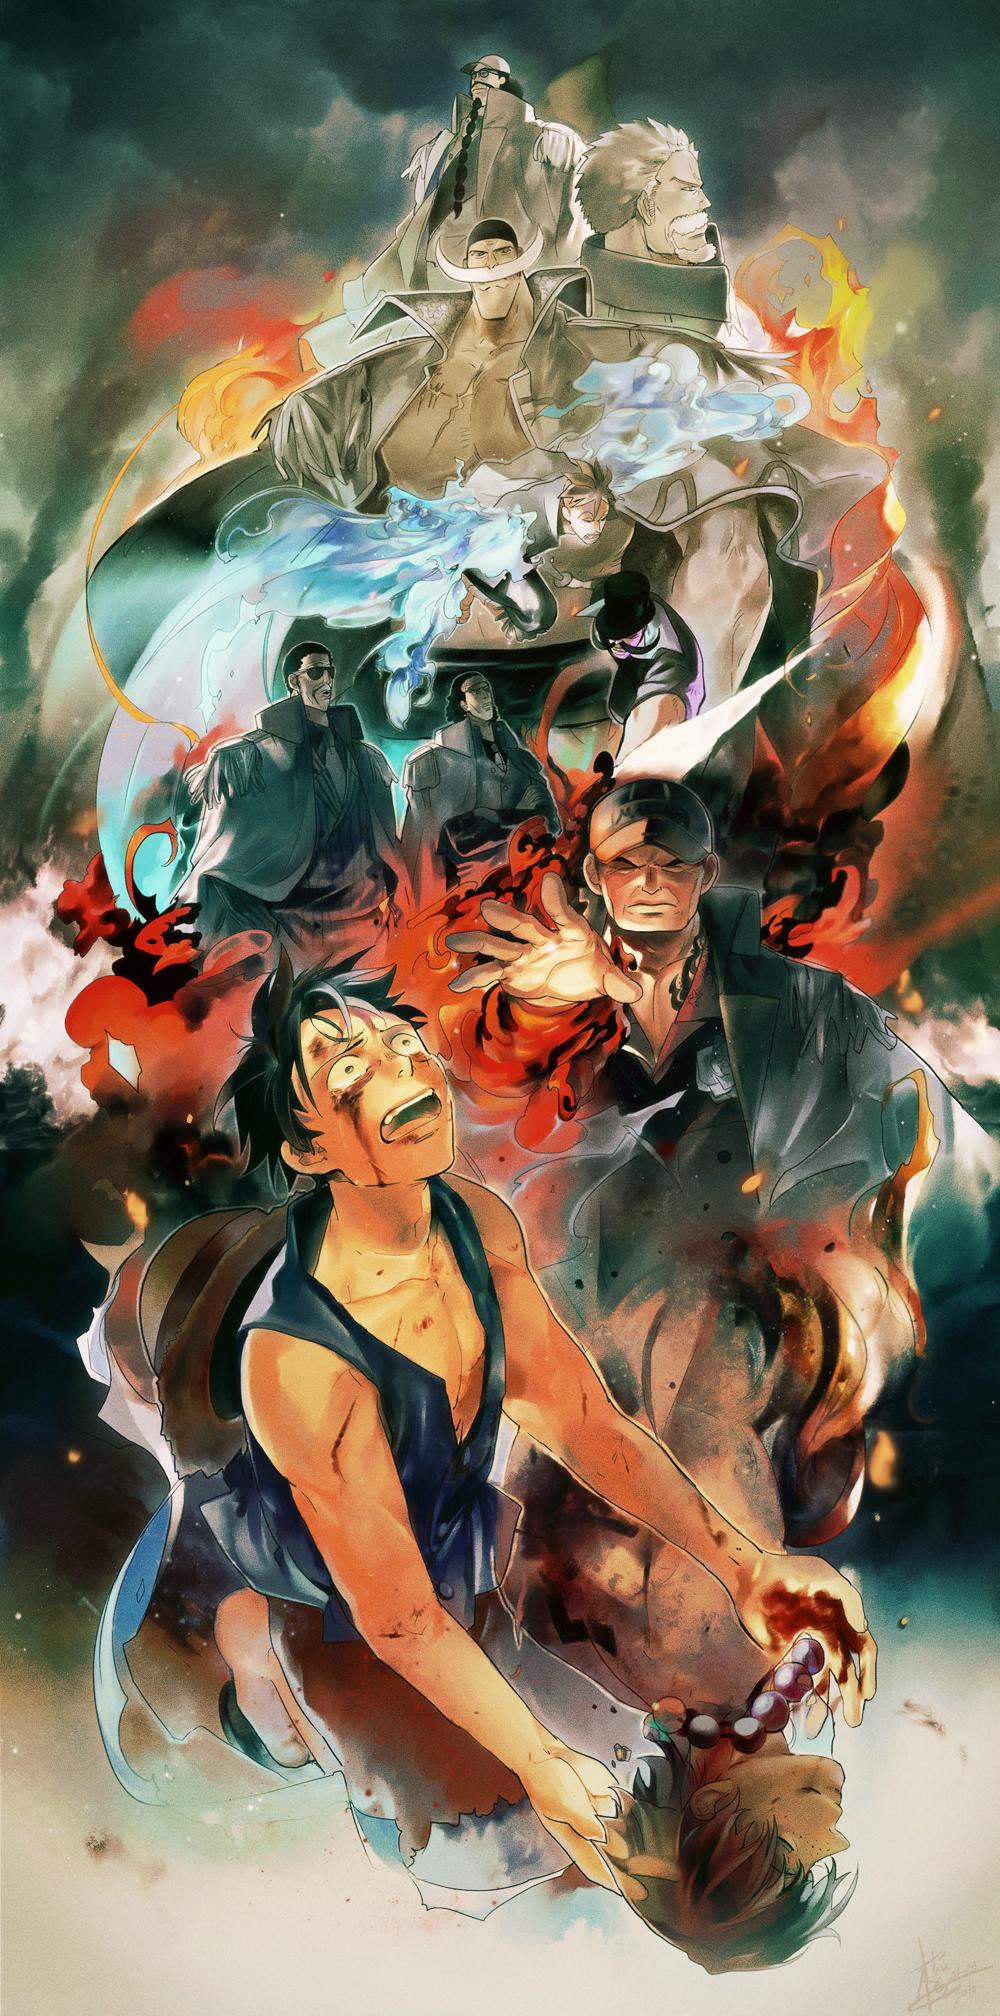 Berühmt ONE PIECE - Oda Eiichirou - Image #1705771 - Zerochan Anime Image  GO53